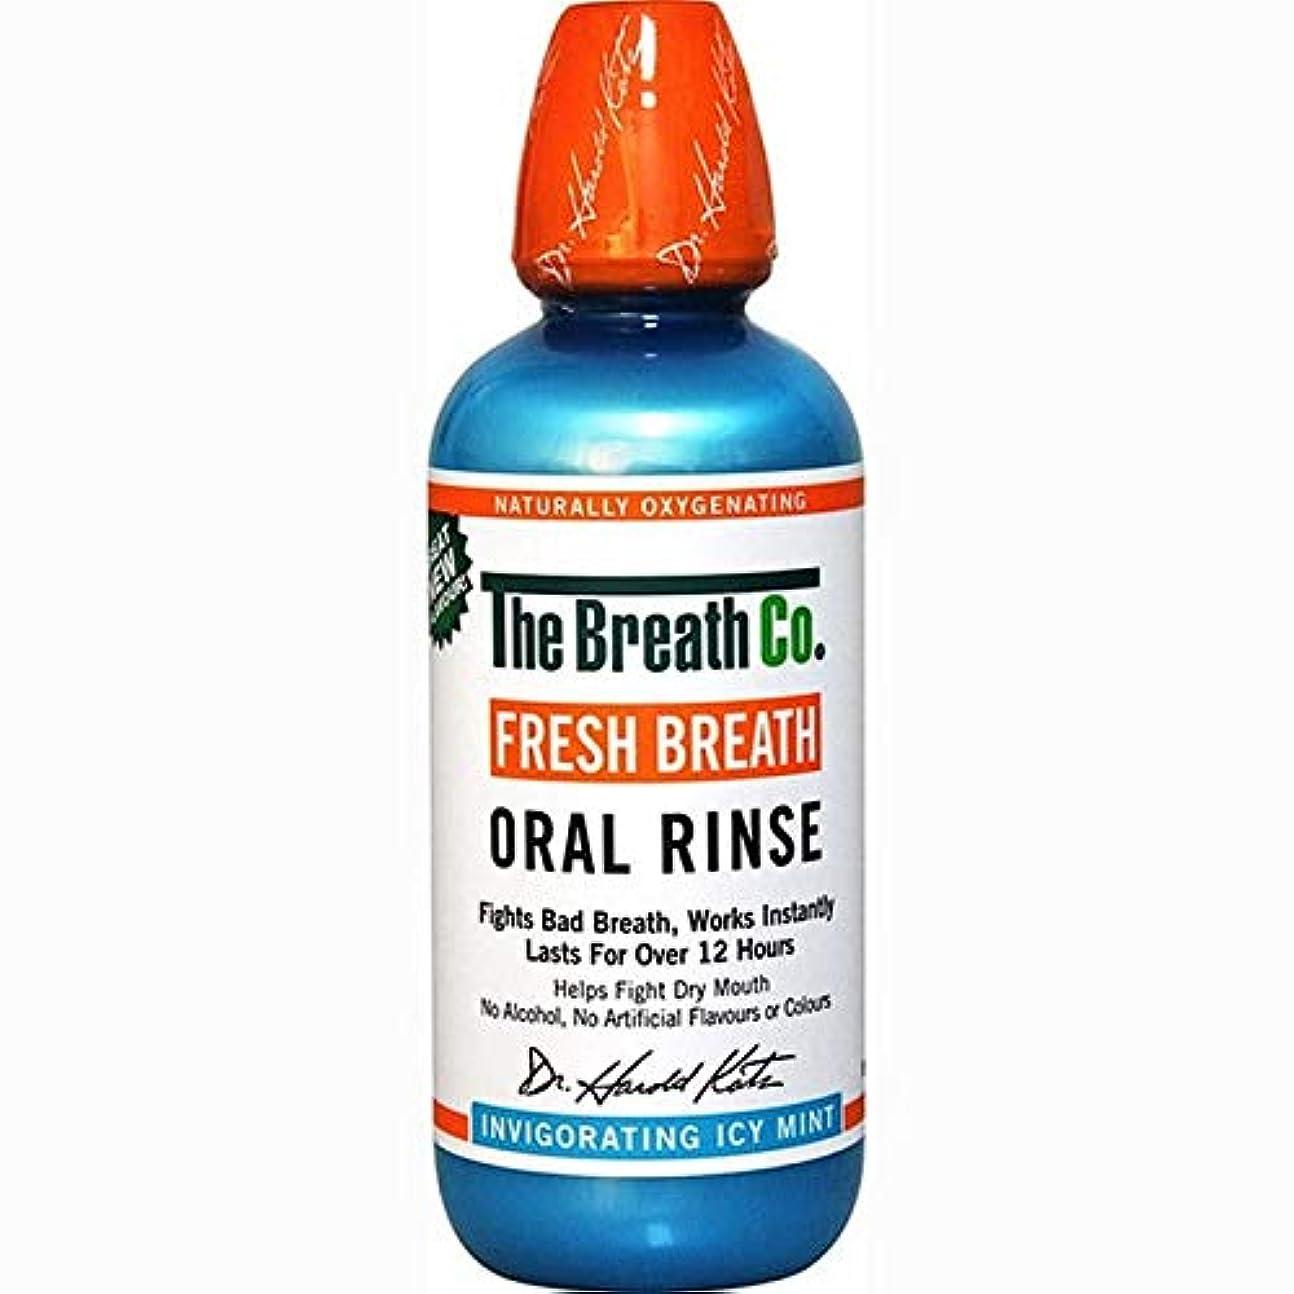 タイムリーな田舎者宙返り[The Breath Co] 息のCo新鮮な息口腔リンス氷のミント500ミリリットル - The Breath Co Fresh Breath Oral Rinse Icy Mint 500ml [並行輸入品]